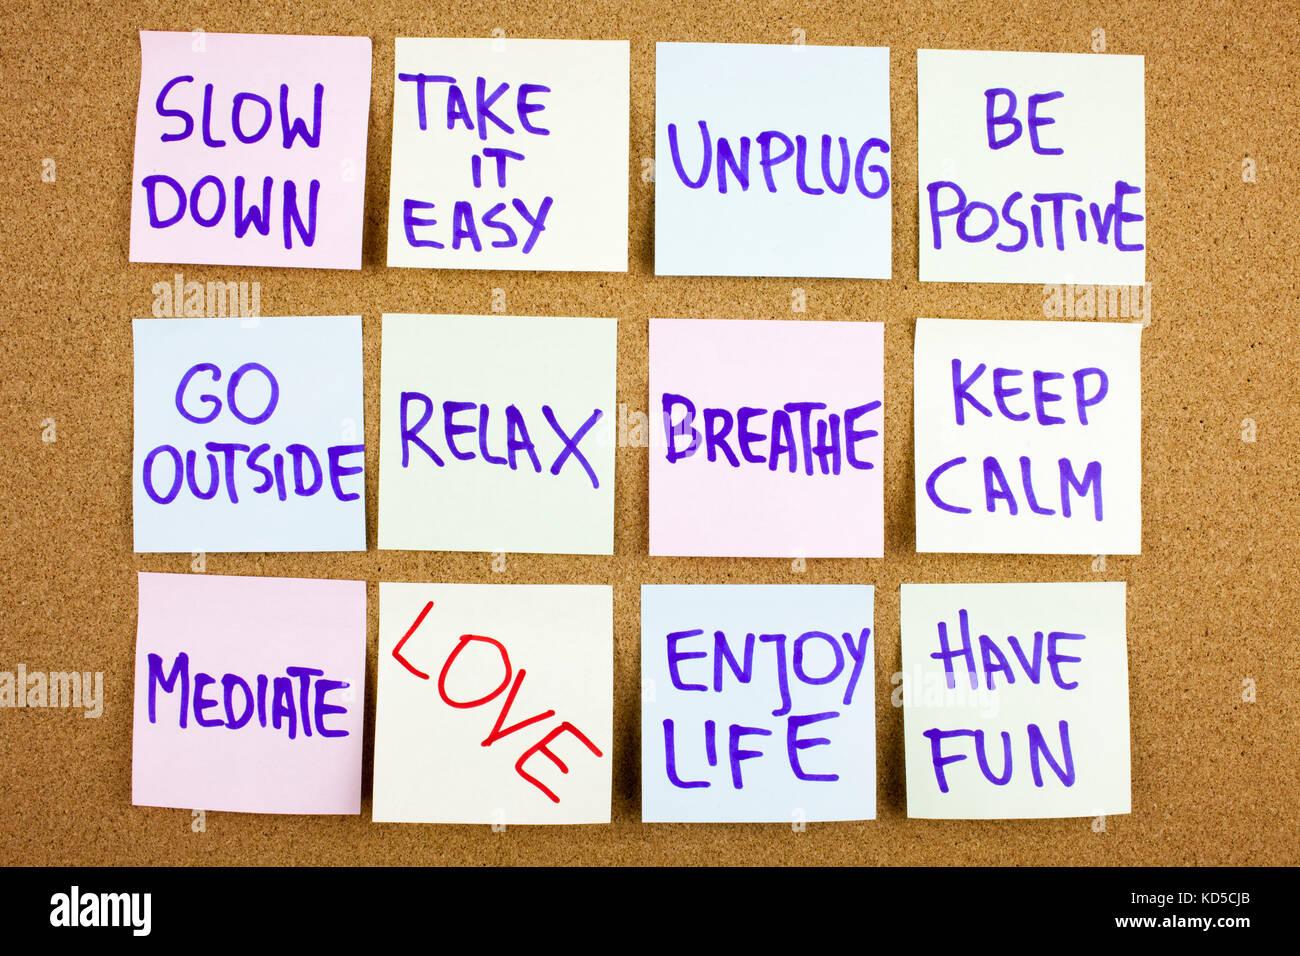 Una nota adhesiva amarilla escrito, caption, inscripción ralentizar, tome ir fácil ser positivo ir fuera Imagen De Stock